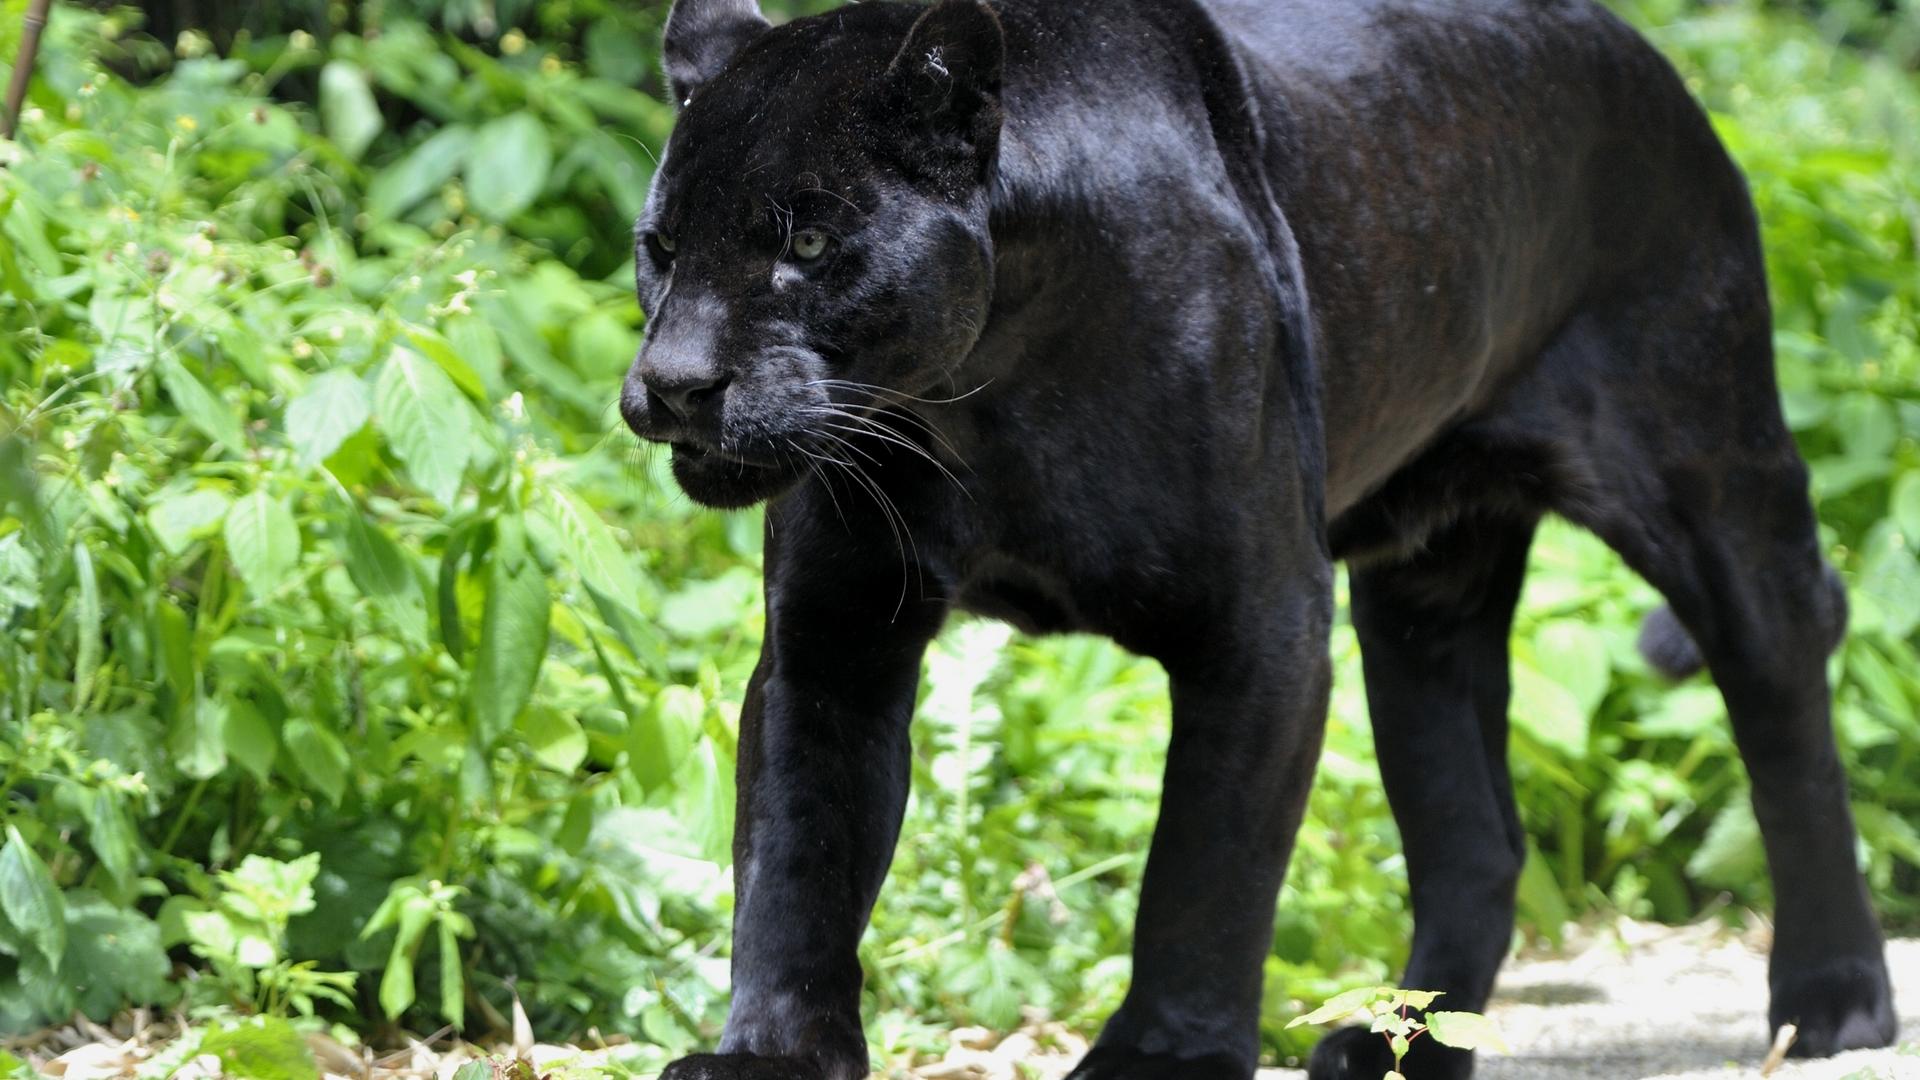 Panther Wallpaper 752792 Black Panther Animal Wallpaper 752742 1920x1080